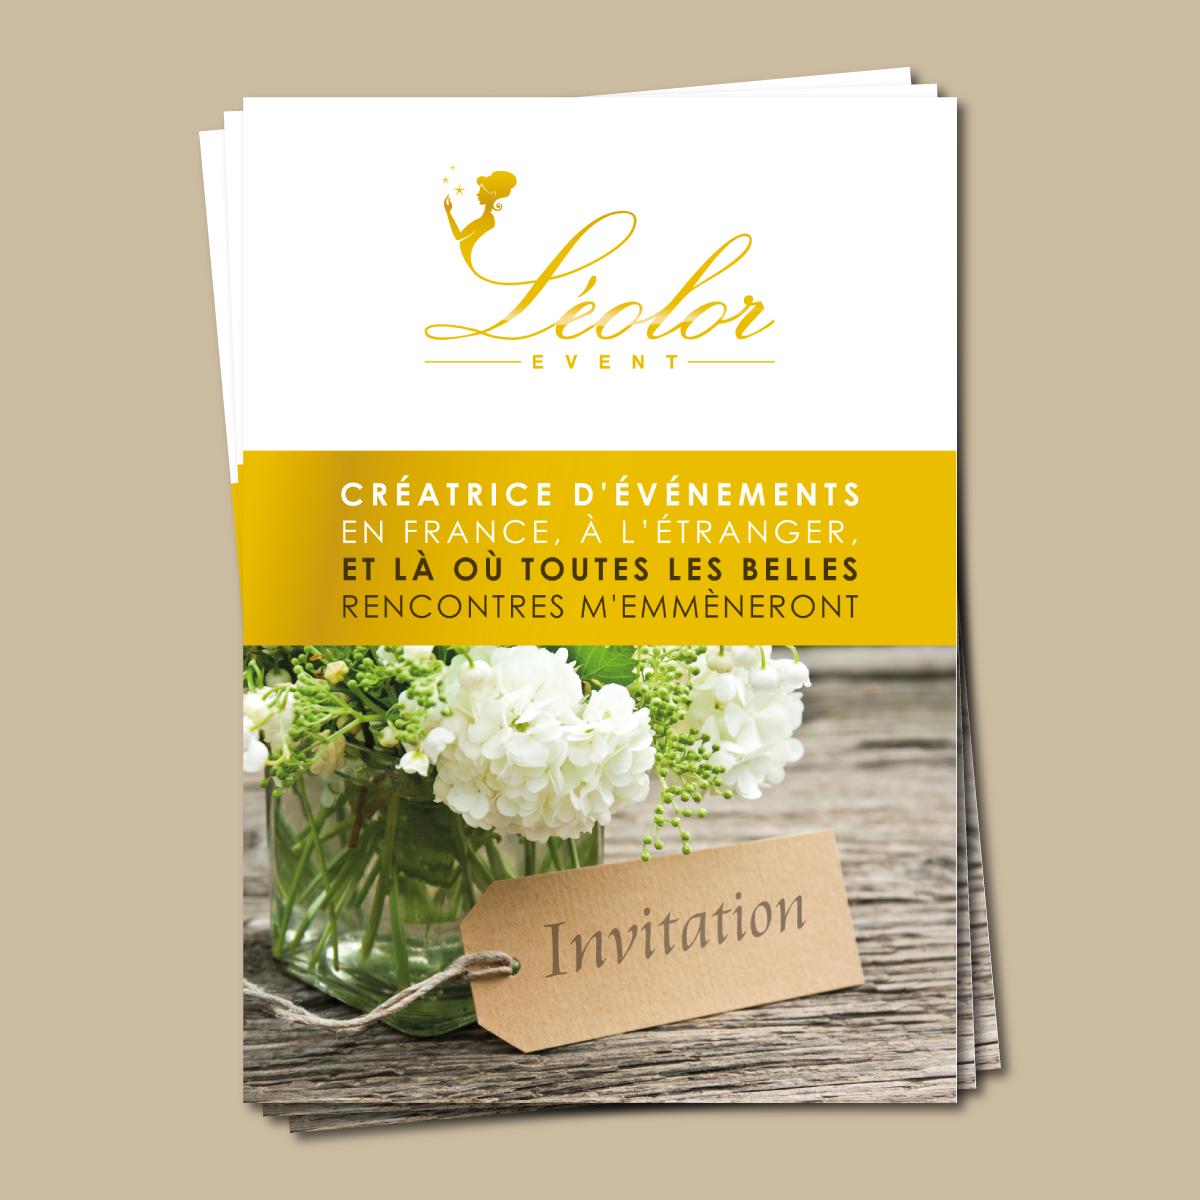 leolor-event-flyer